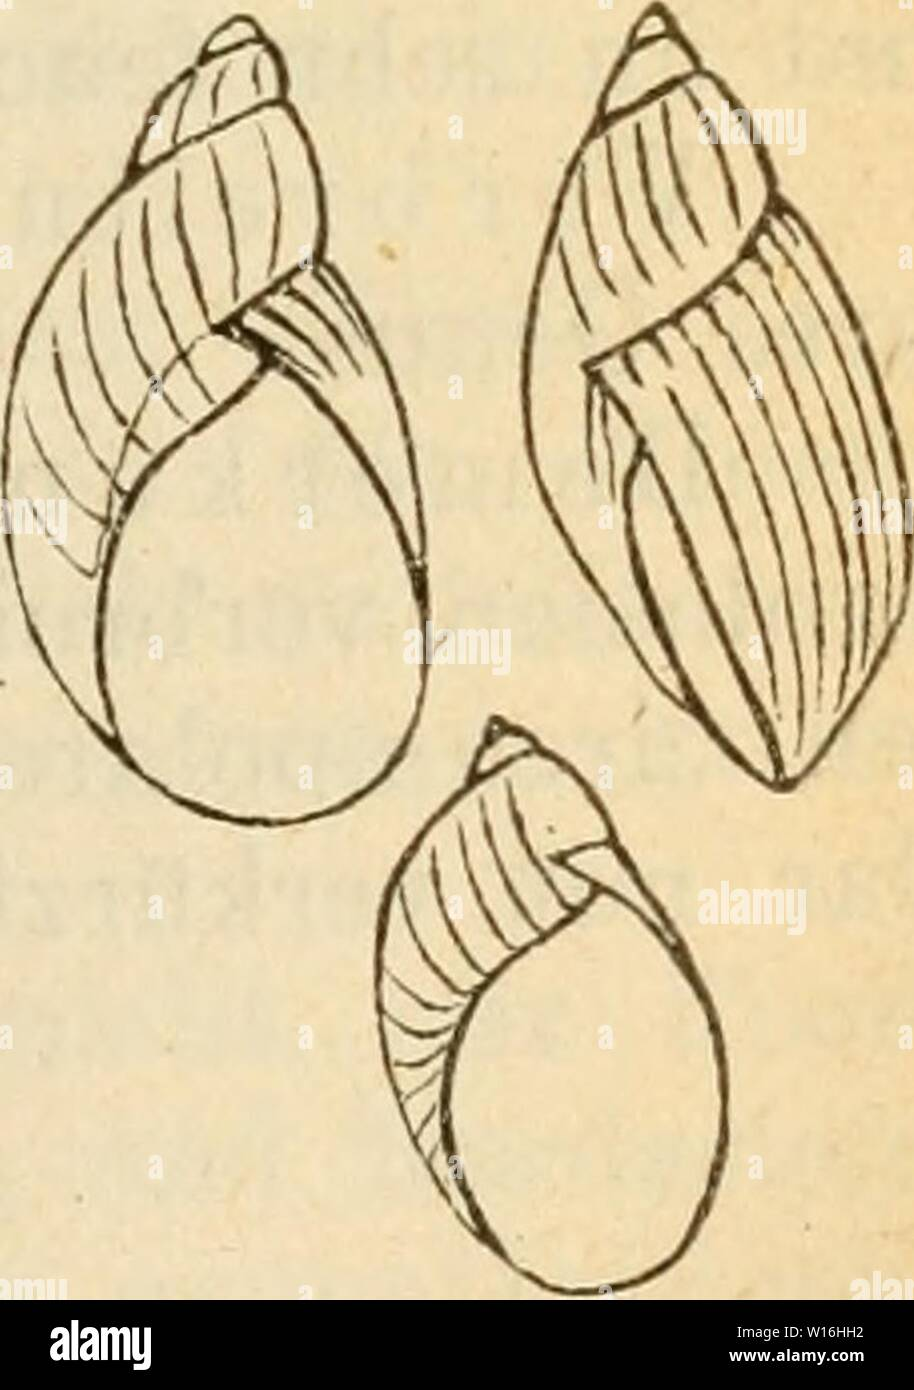 Archive image from page 292 of Deutsche excursions-mollusken-fauna (1876). Deutsche excursions-mollusken-fauna . deutscheexcursio00cles Year: 1876  287 Ue her sieht der Arten. A. Gehäuse gross von bernsteingel- ber Farbe. 1. Gewinde sehr kurz, Mündung eiförmig. Succ. putris, L. 2. Gewinde länger, Mündung verlängert-eiförraig. Succ, PfeifFeri, 'Rossm. B. Gehäuse klein von grünlich-grauer Farbe. Succ. oblonga, Drap. 1. SHCcinea putris, Linne, Helix putris, L., Syst. nat. ed. X. 1758. p. 774. ed. XII. p. 1249 Nr. 705. — — V. Alten, Syst. Verz. p. 96. — Stvirm, Fauna VI. I. t. 16. — succinca, Müll Stock Photo